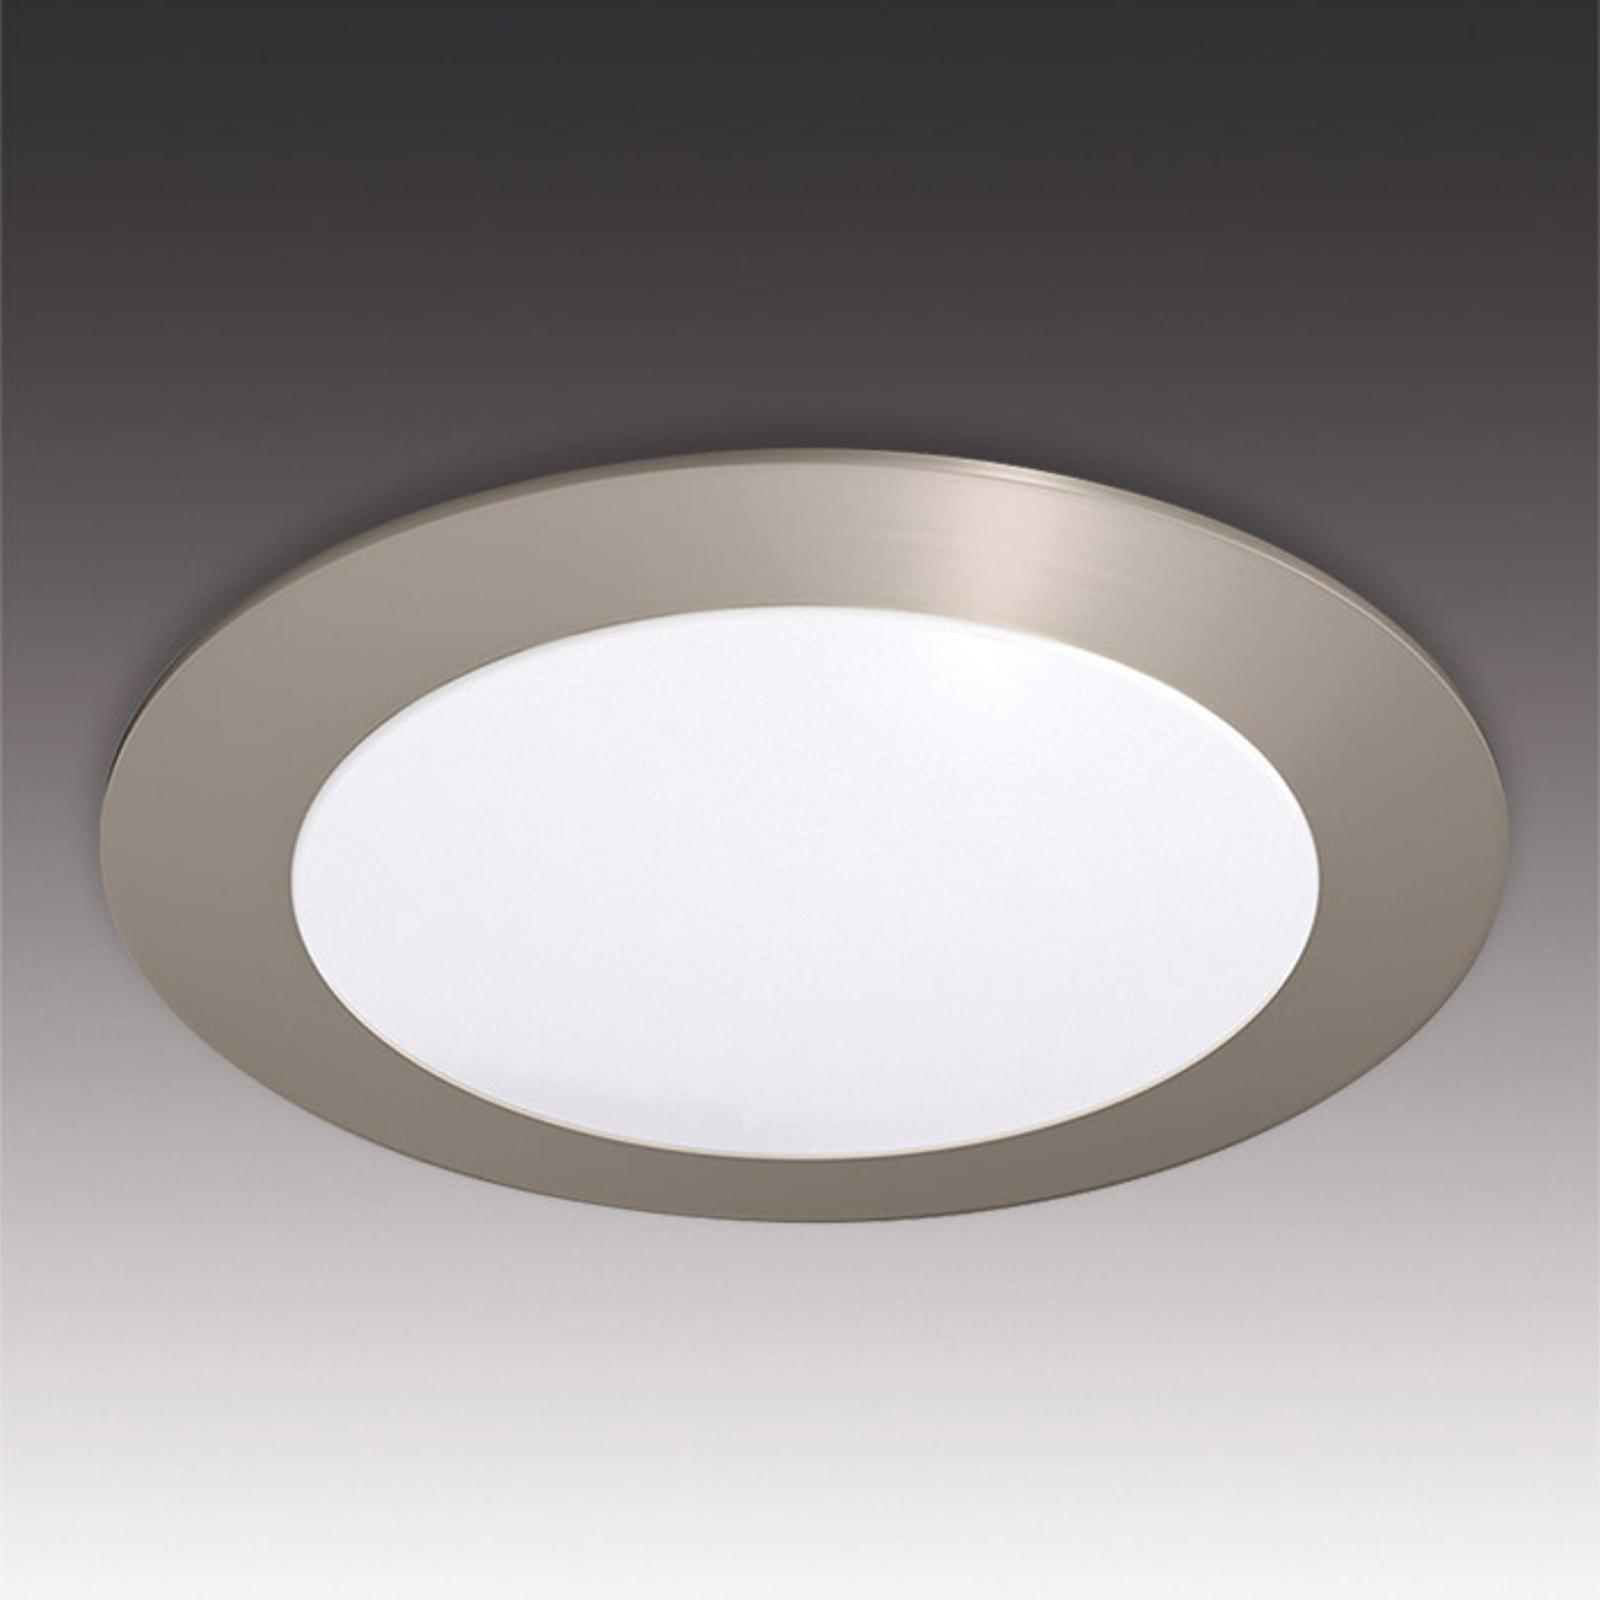 Lampada a incasso FR 68-LED, singola